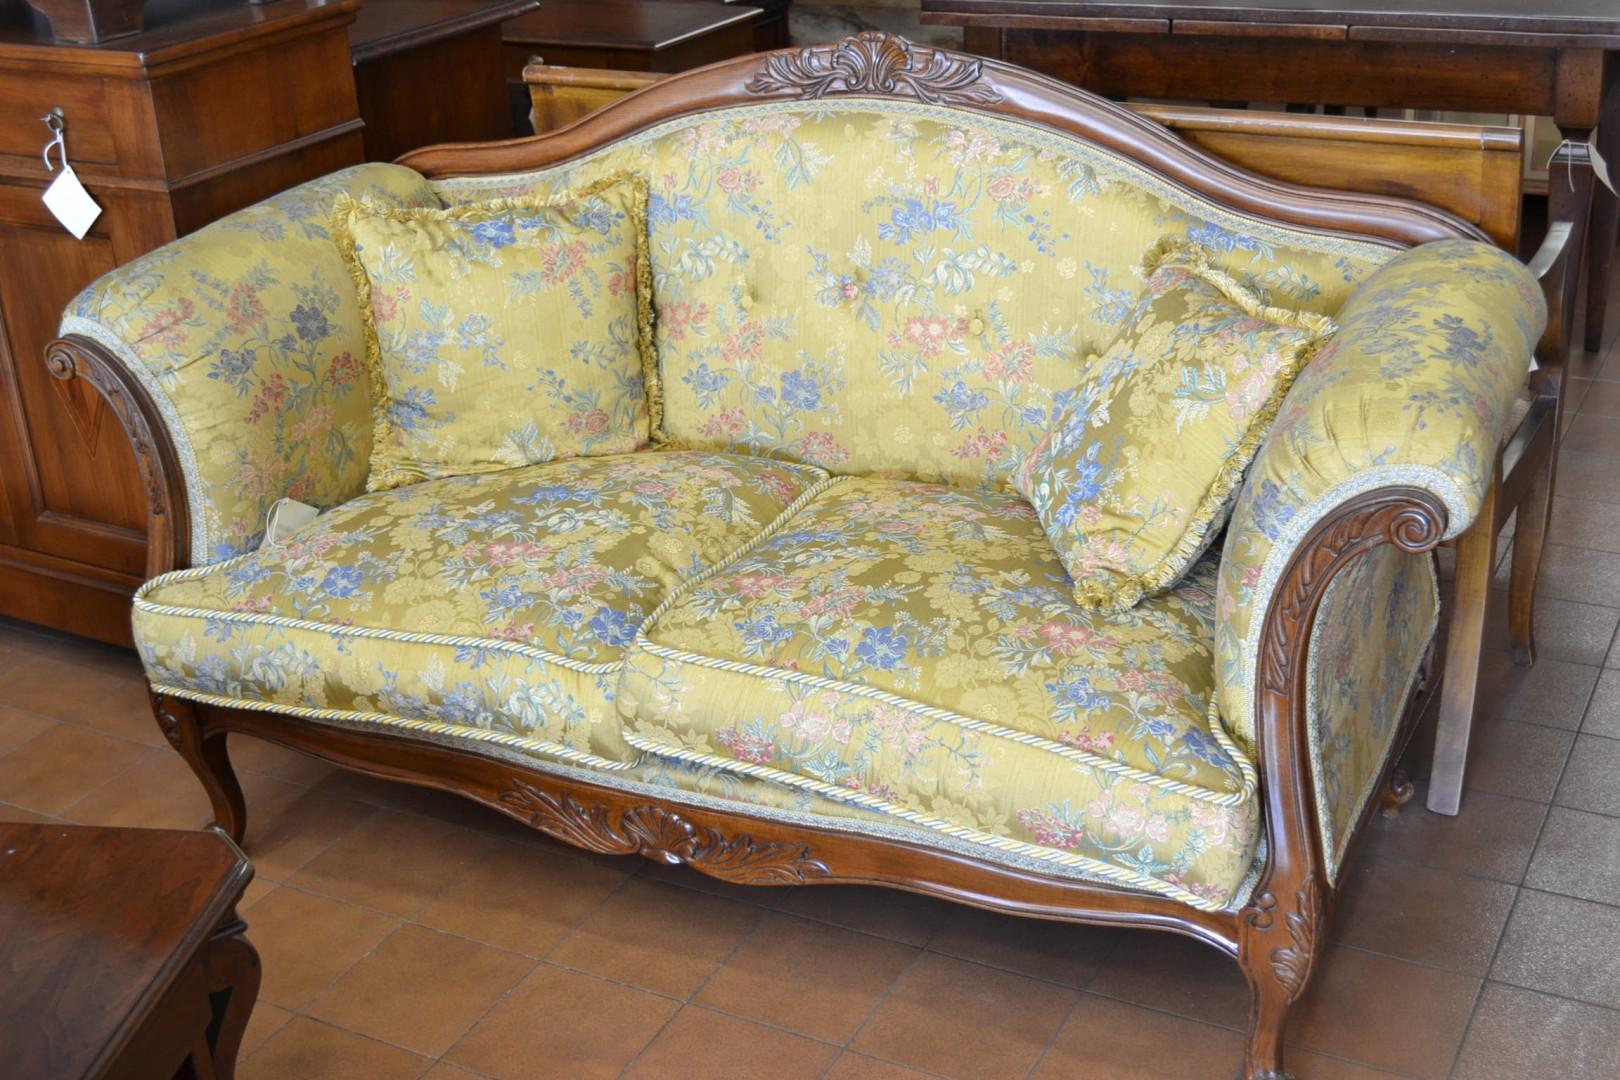 Divano stile inglese livio bernardi mobili mobili d - Divano in inglese ...